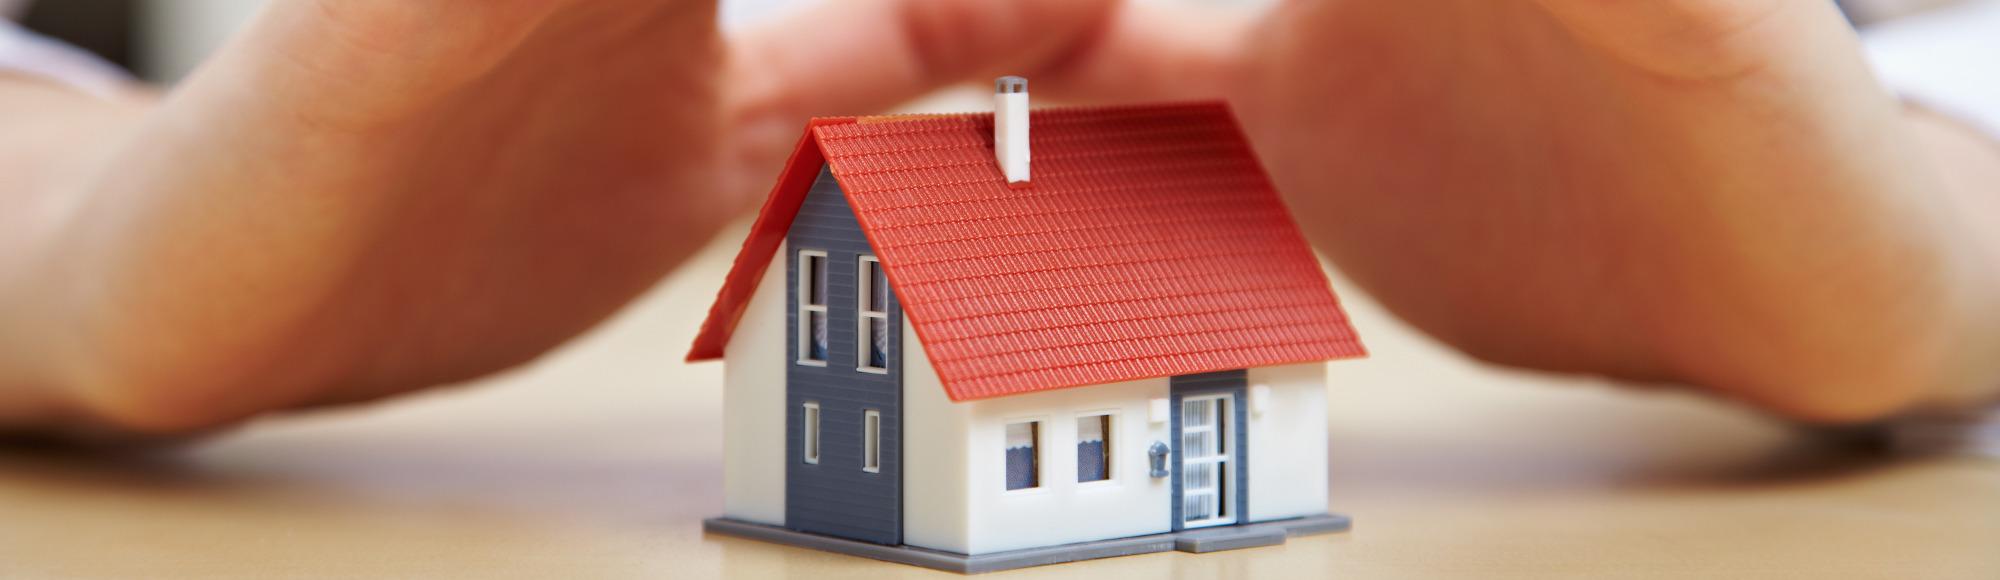 polizza-casa-abitazione